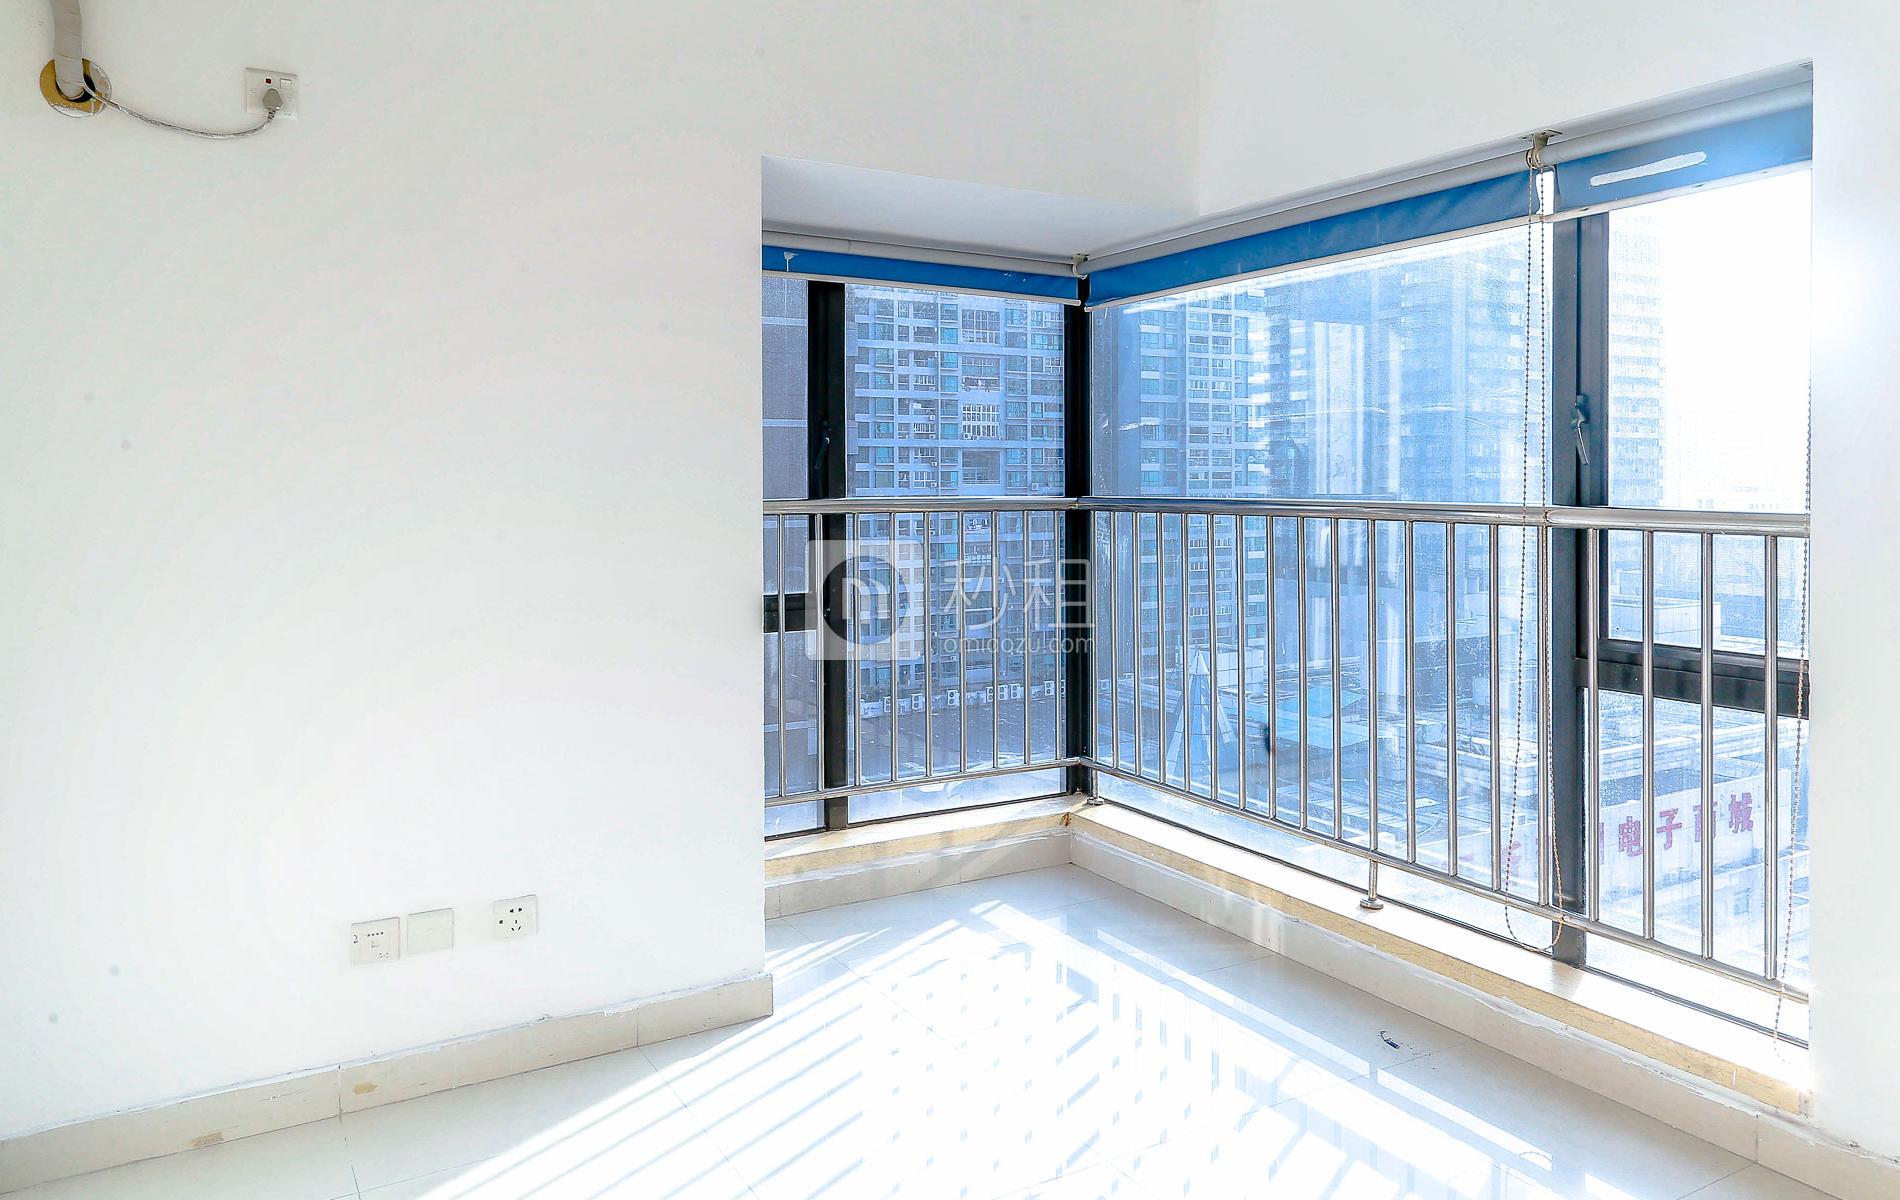 华强广场-纳什空间写字楼出租70平米精装办公室8500元/间.月